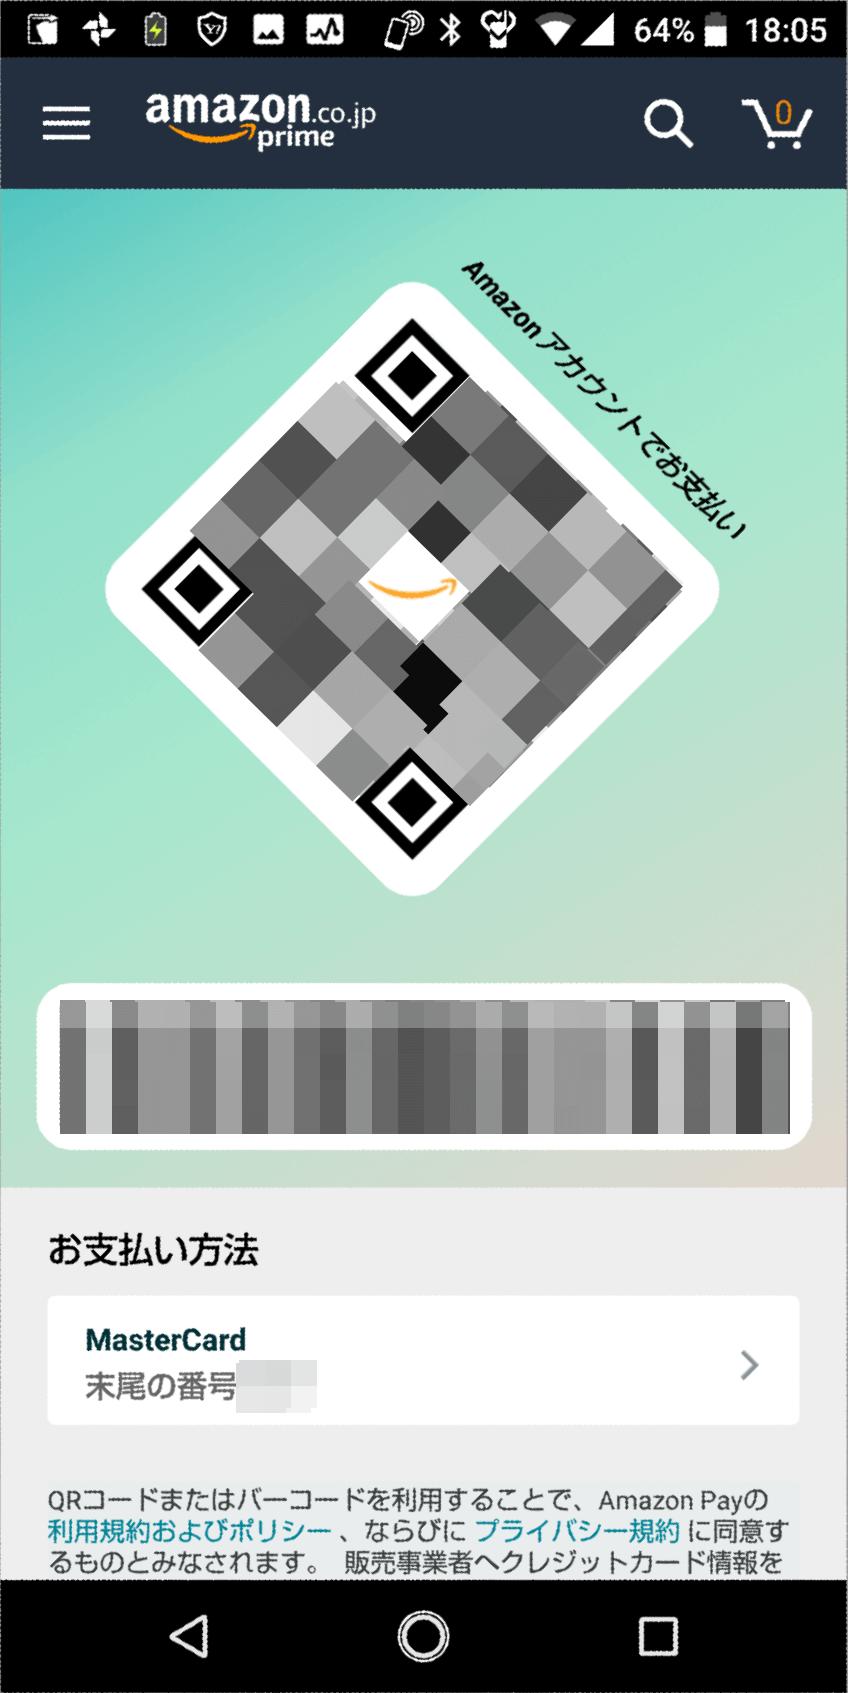 スマートフォン(Android版、アンドロイド版)のアマゾンショッピングアプリのQRコードの画面